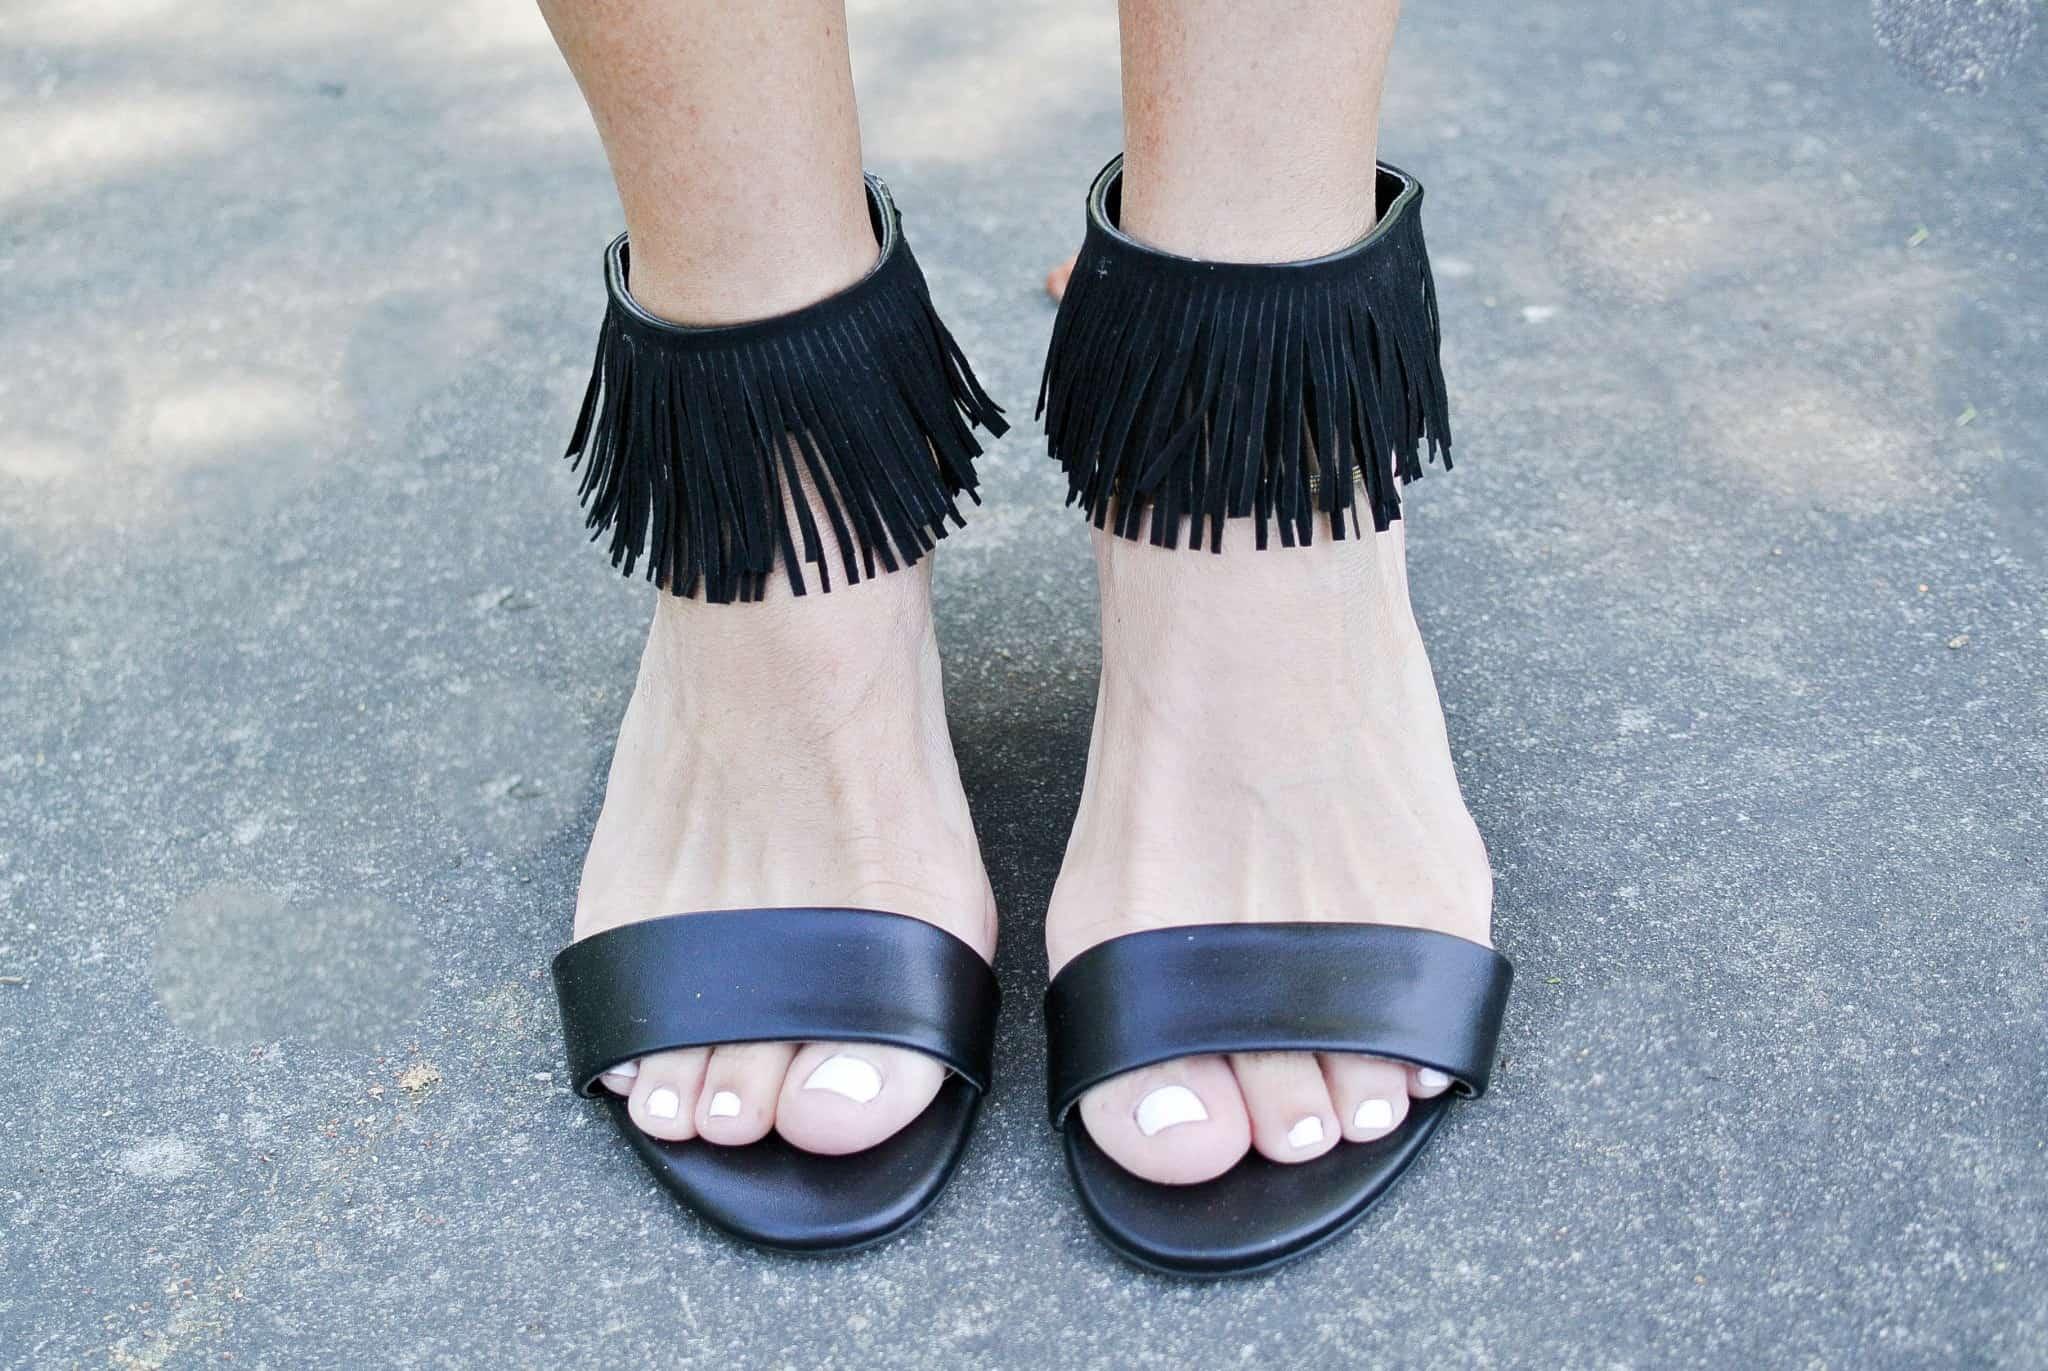 Ankle fringe sandals